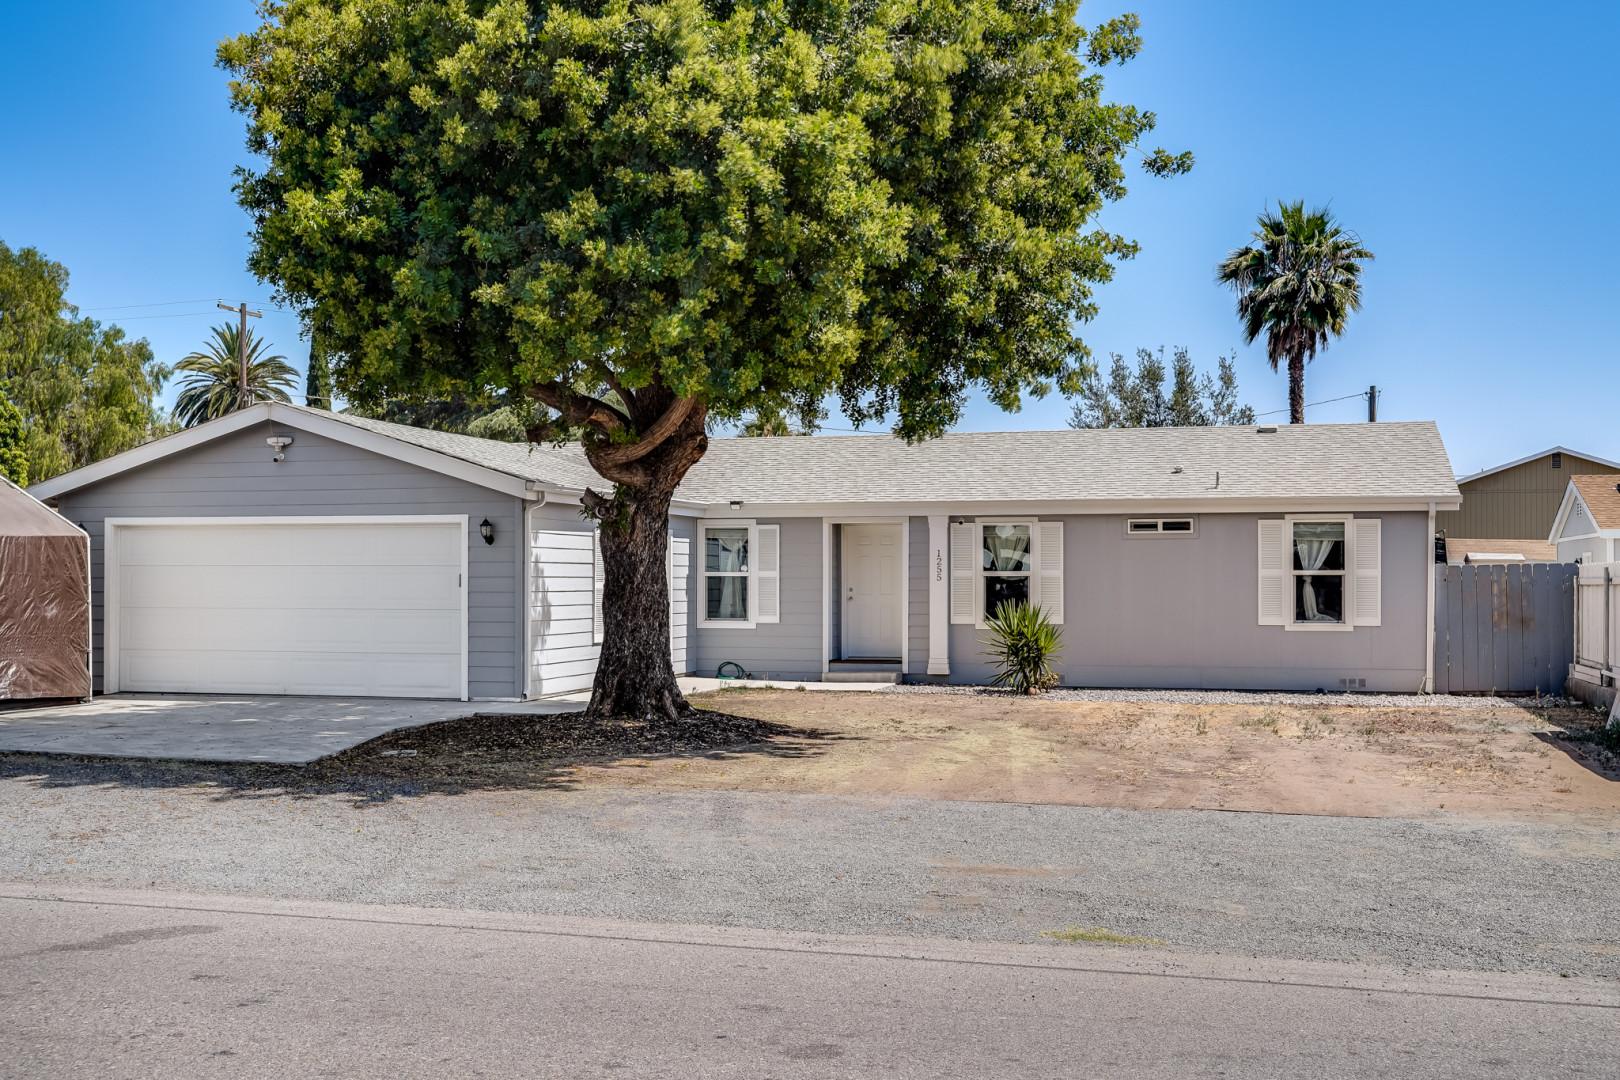 1255 Sumner Ave, El Cajon, California 92021